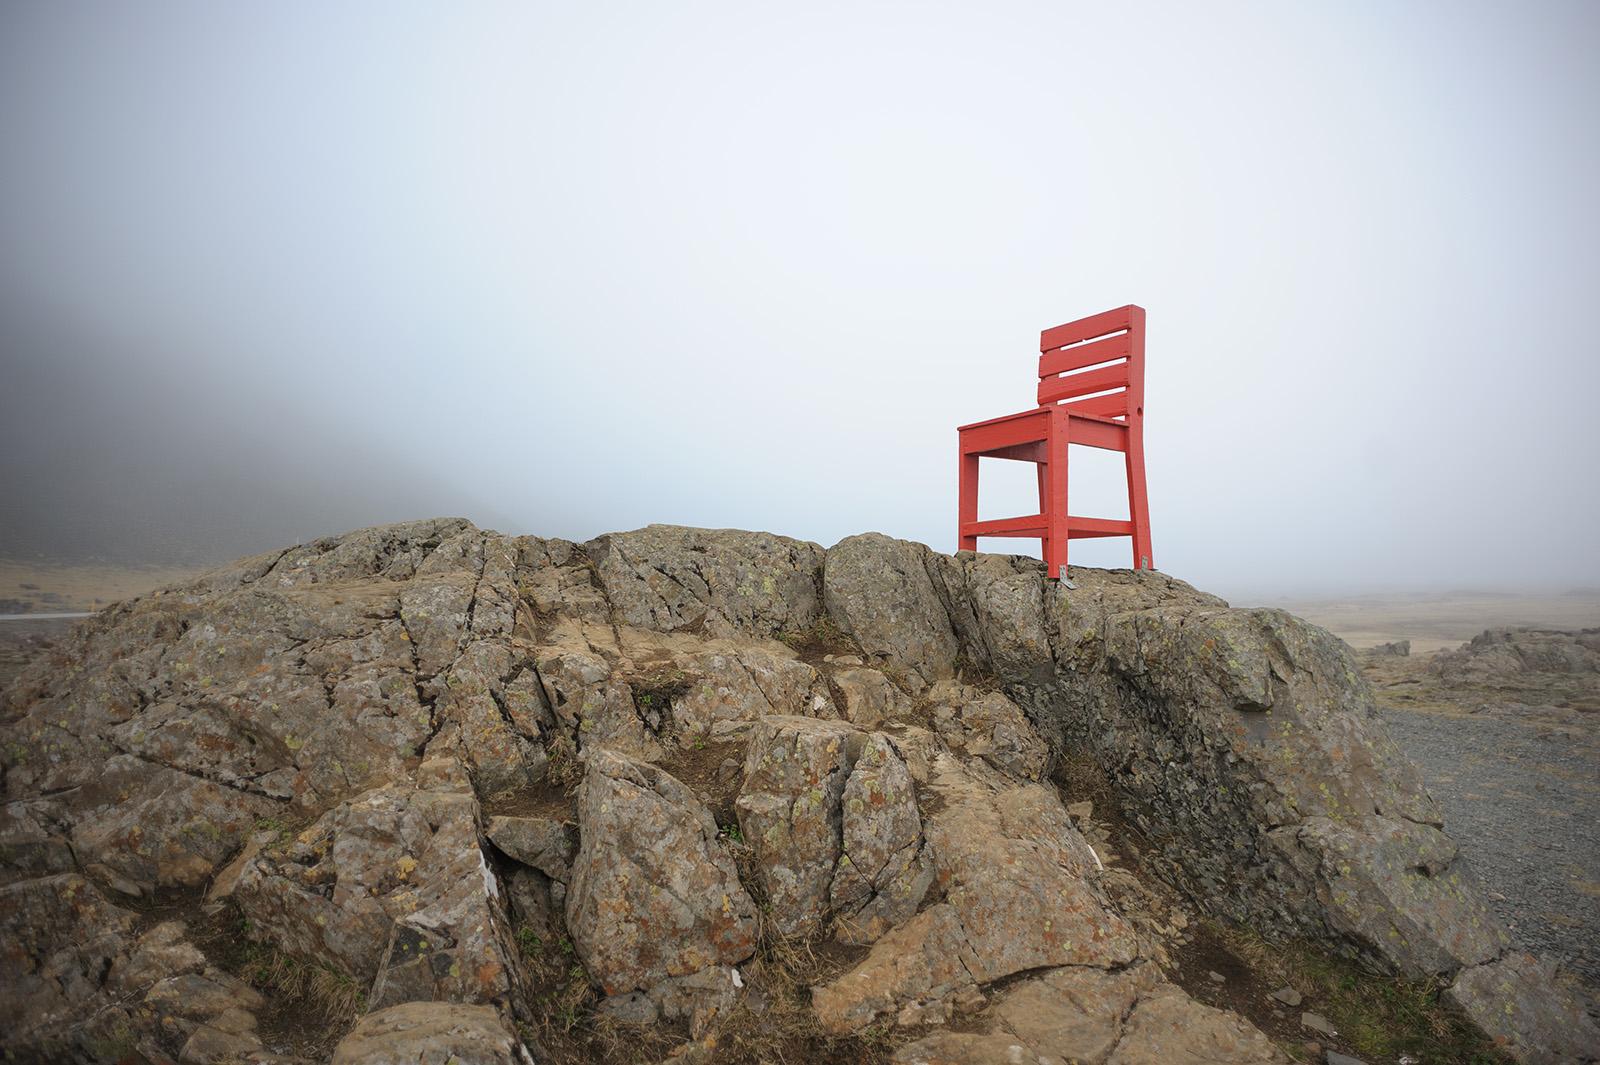 необычная встреча - огромный красный стул на обочине дороги.